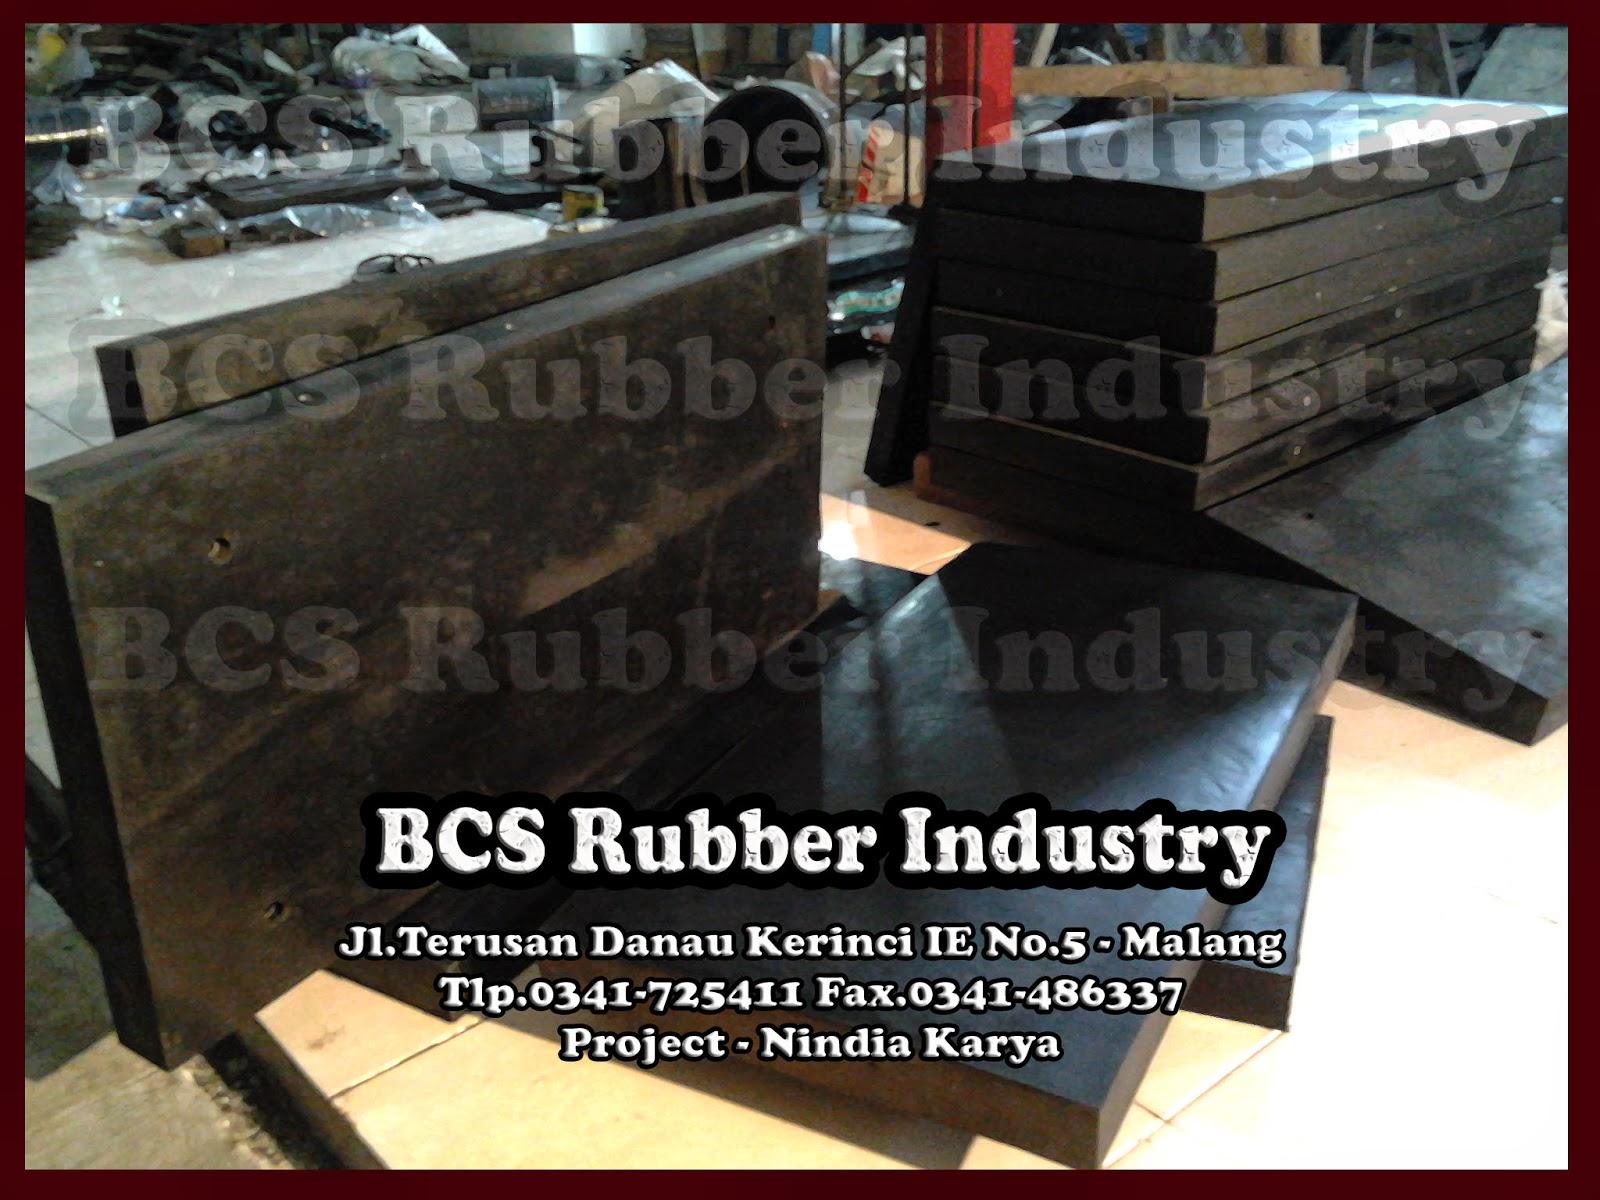 Elastomer Bearing Pad / Bantalan Jembatan ,Polos, Steel Plate, Seismic Rubber Bearing Pads.Elastomer Bearing pads,Karet bantalan